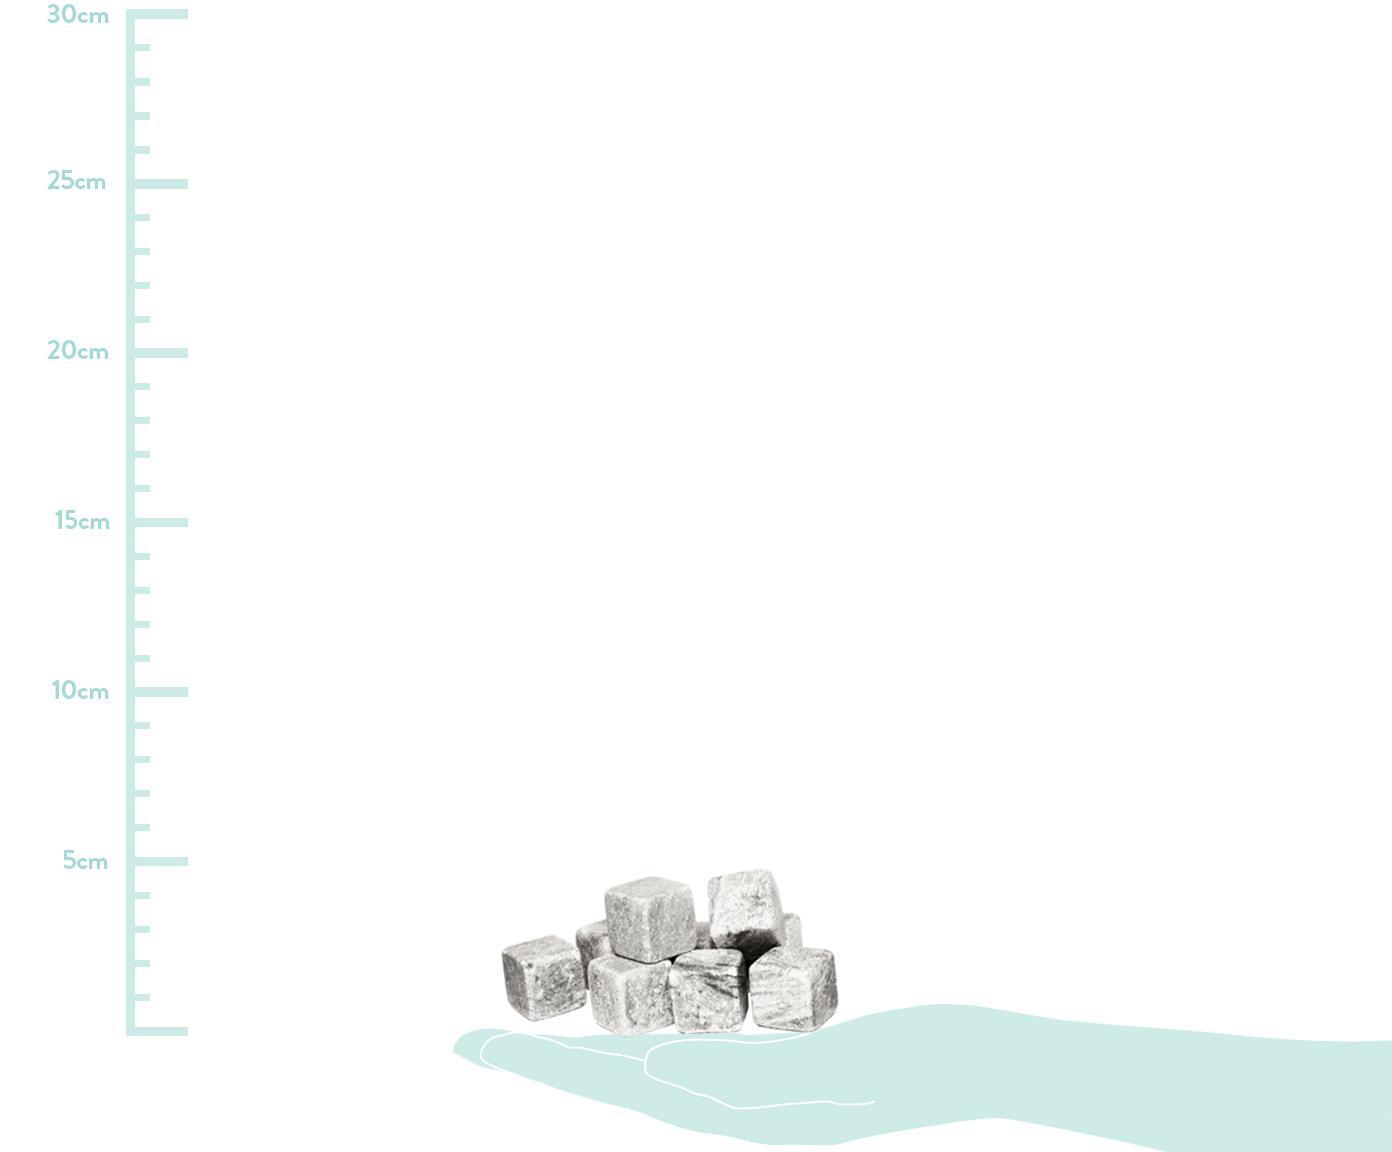 Whiskey-Steine-Set Rocking, 9-tlg., Steine: Speckstein, Grau, 2 x 2 cm